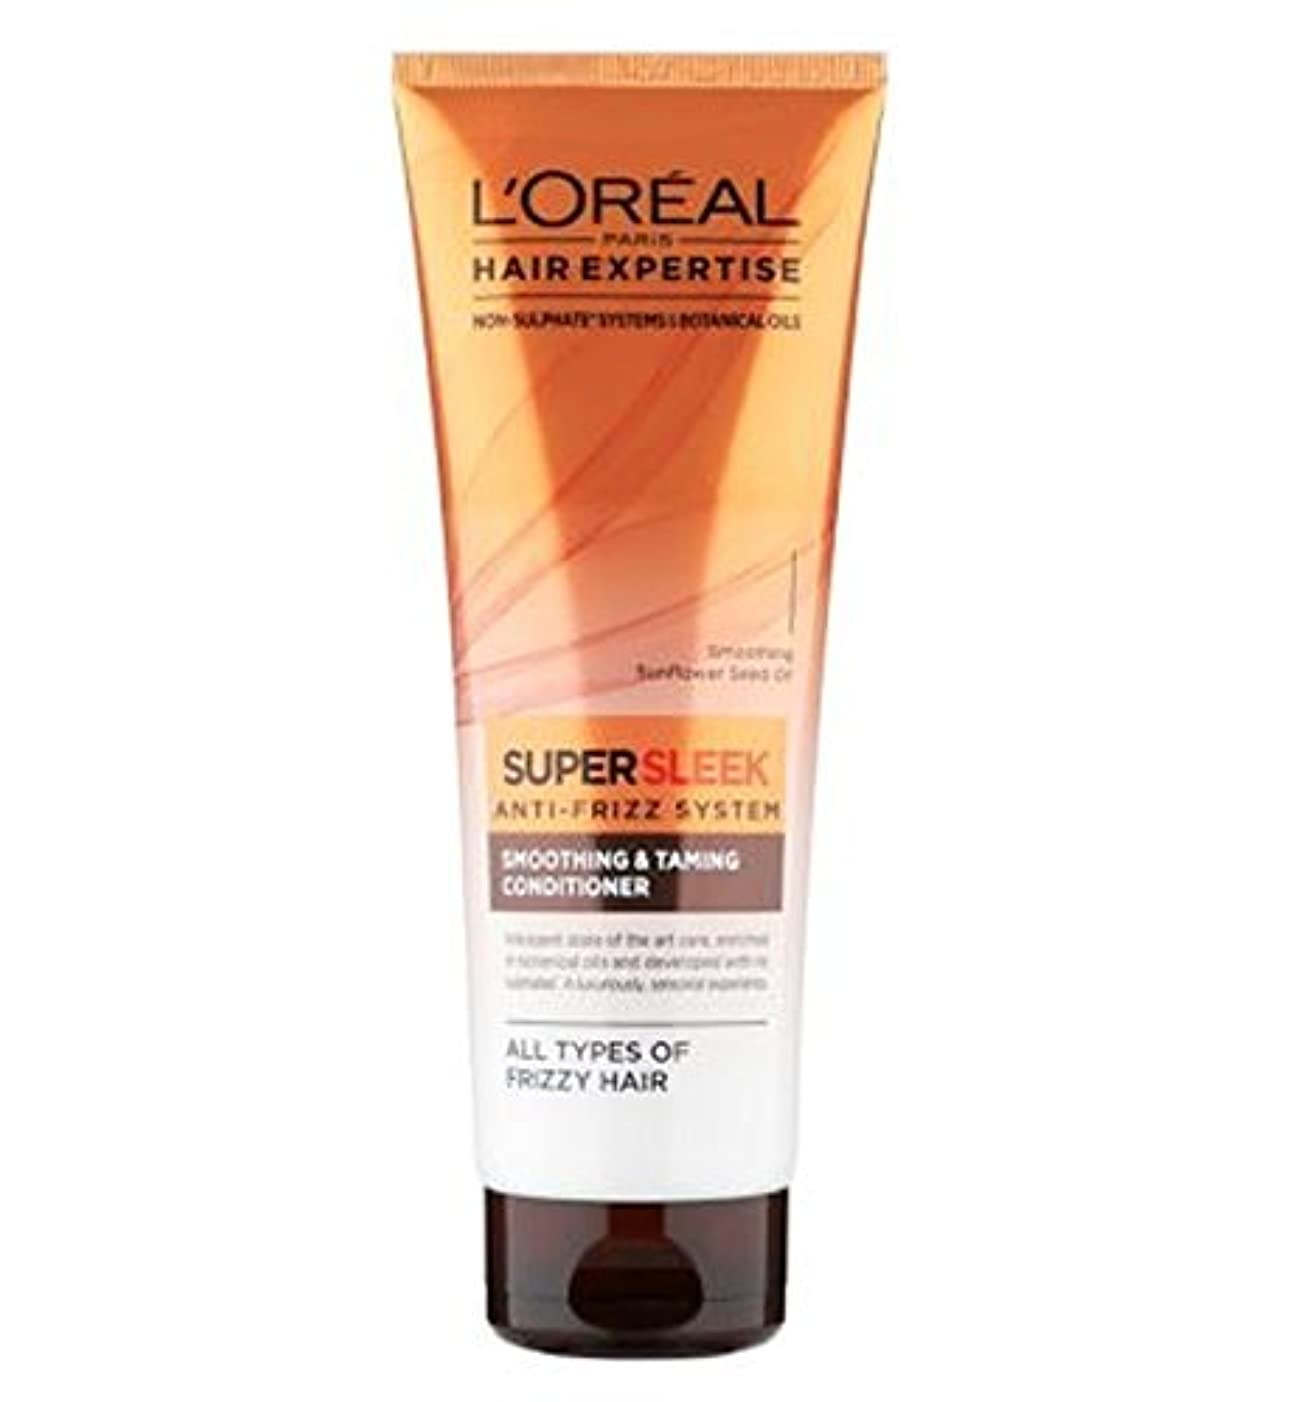 ポータル談話あたりL'Oreall髪の専門知識Supersleekコンディショナー250ミリリットル (L'Oreal) (x2) - L'Oreall Hair Expertise SuperSleek Conditioner 250ml...